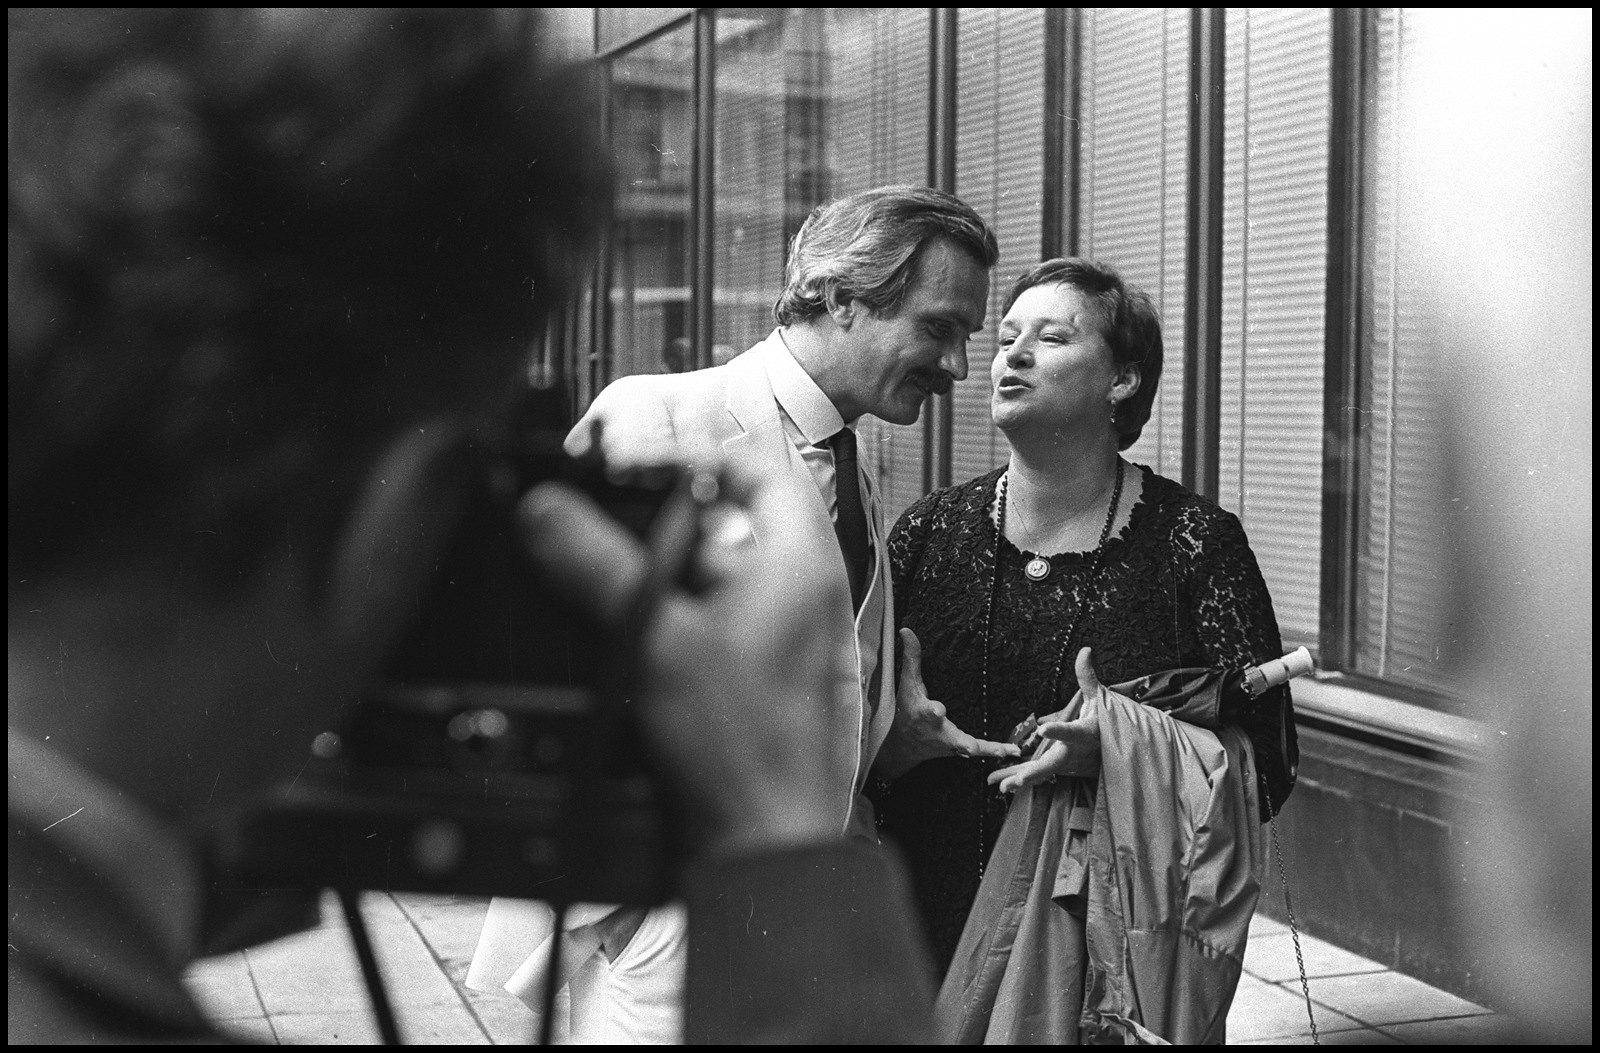 1980-е. Кинорежиссер Никита Михалков и актриса Нонна Мордюкова